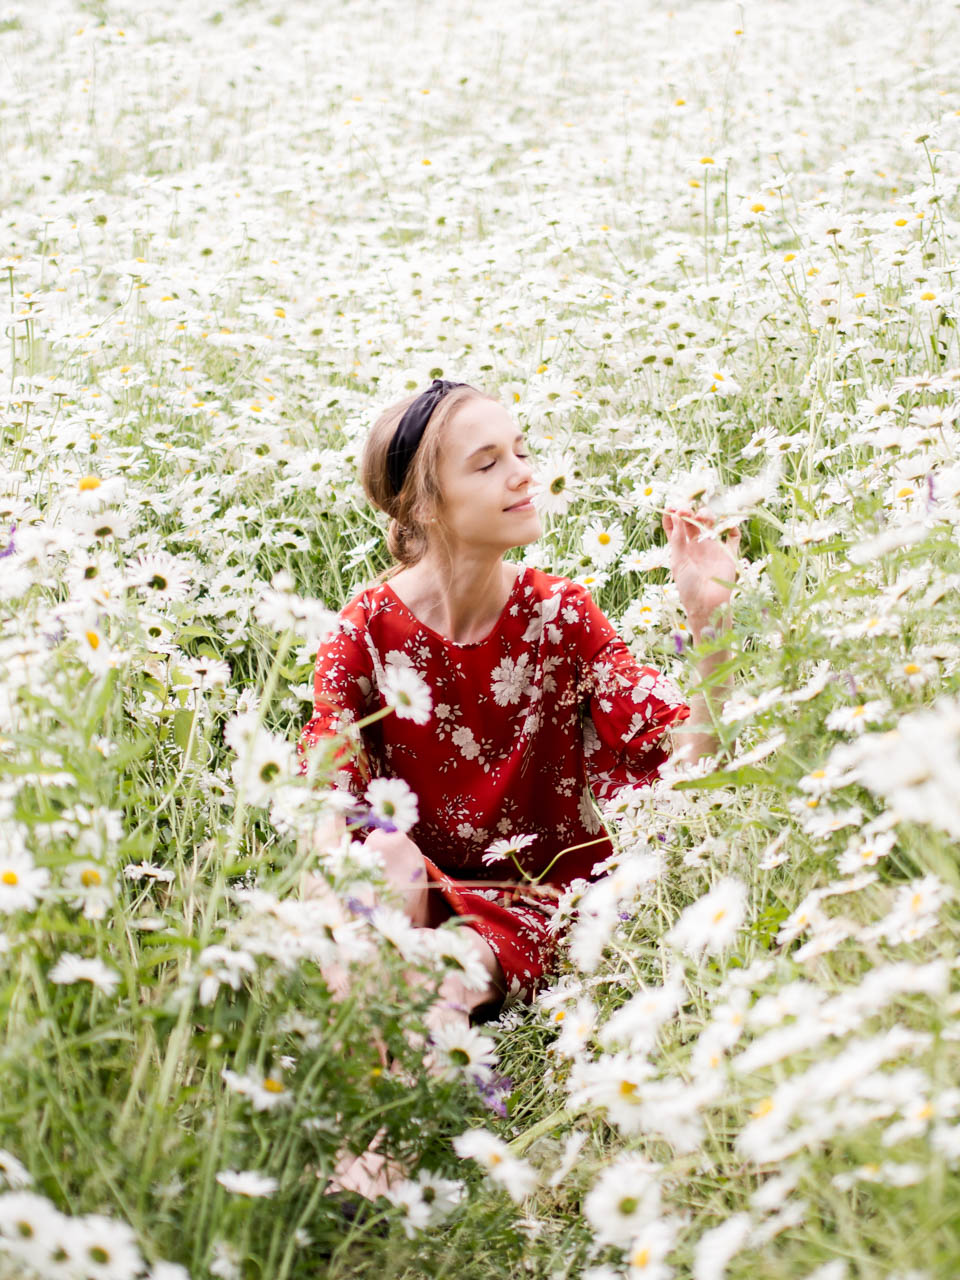 summer-fashion-floral-dress-blogger-kesä-muoti-kukkemekko-bloggaaja